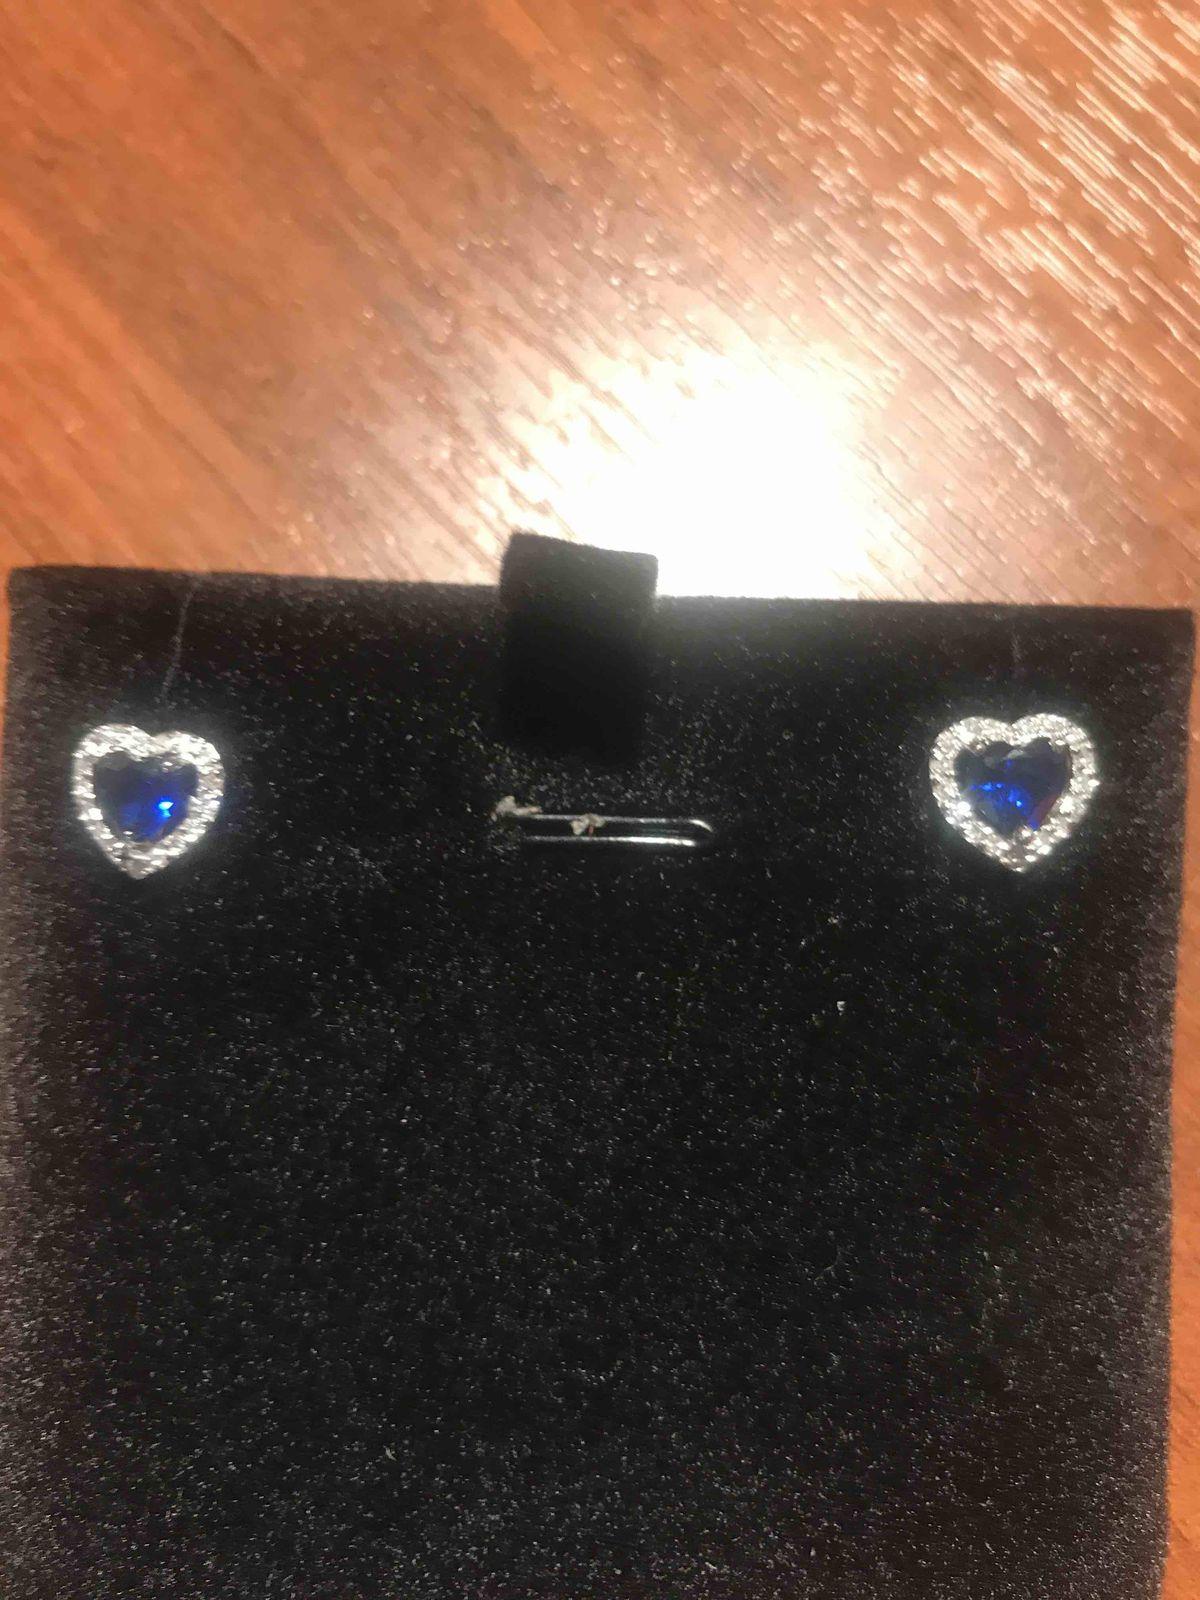 Очень красивые сережки с ярко глубоким синим камнем, смотряться очень мило